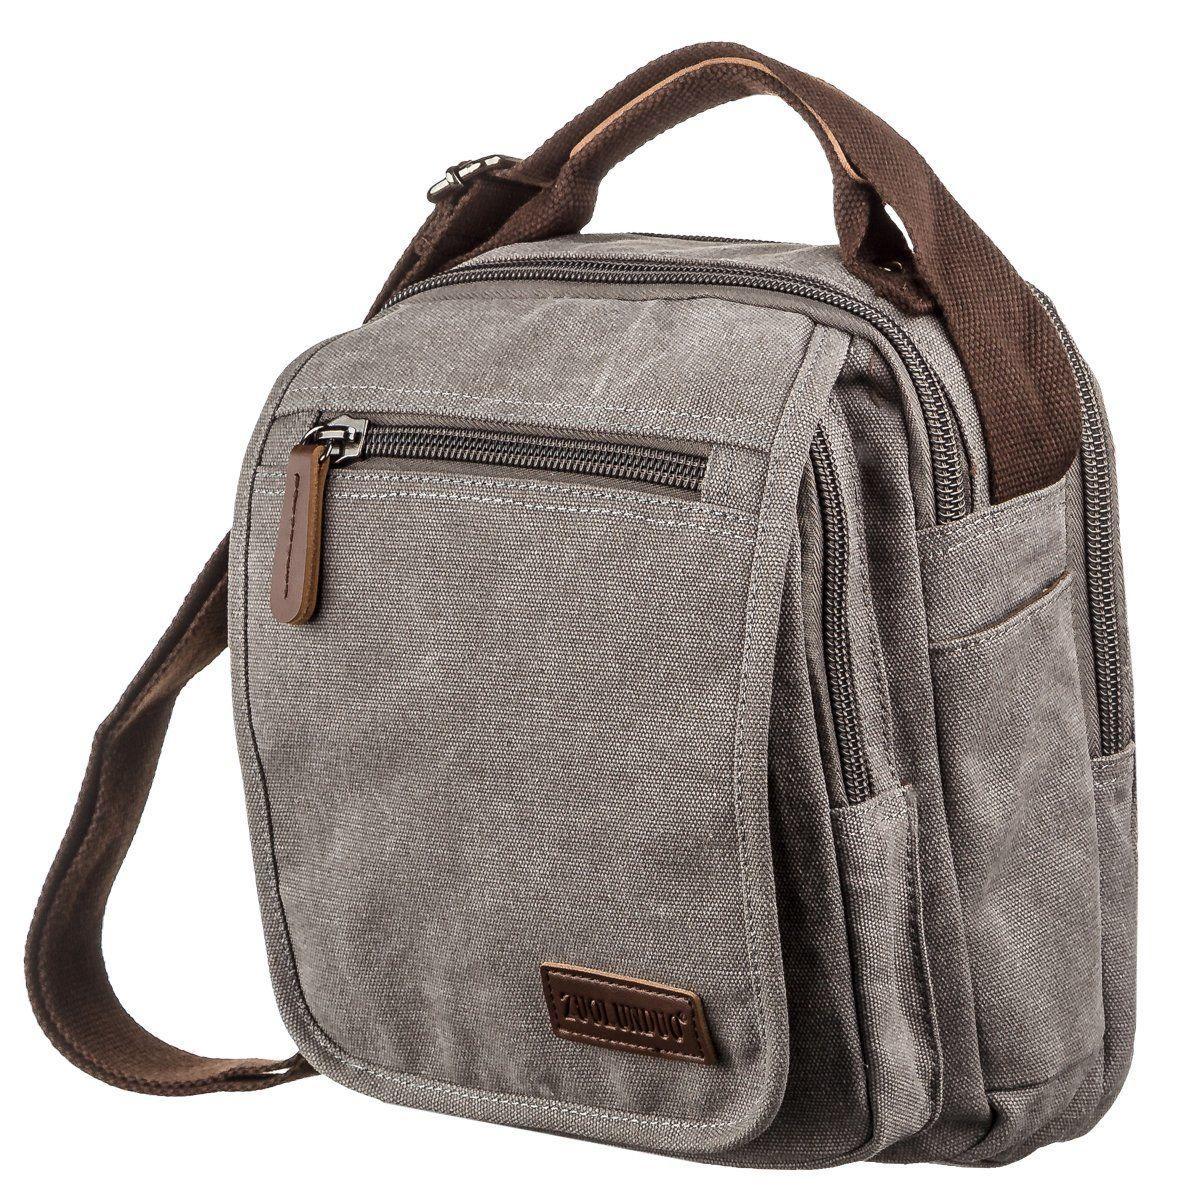 Универсальная текстильная мужская сумка на два отделения Vintage 20198 Серая